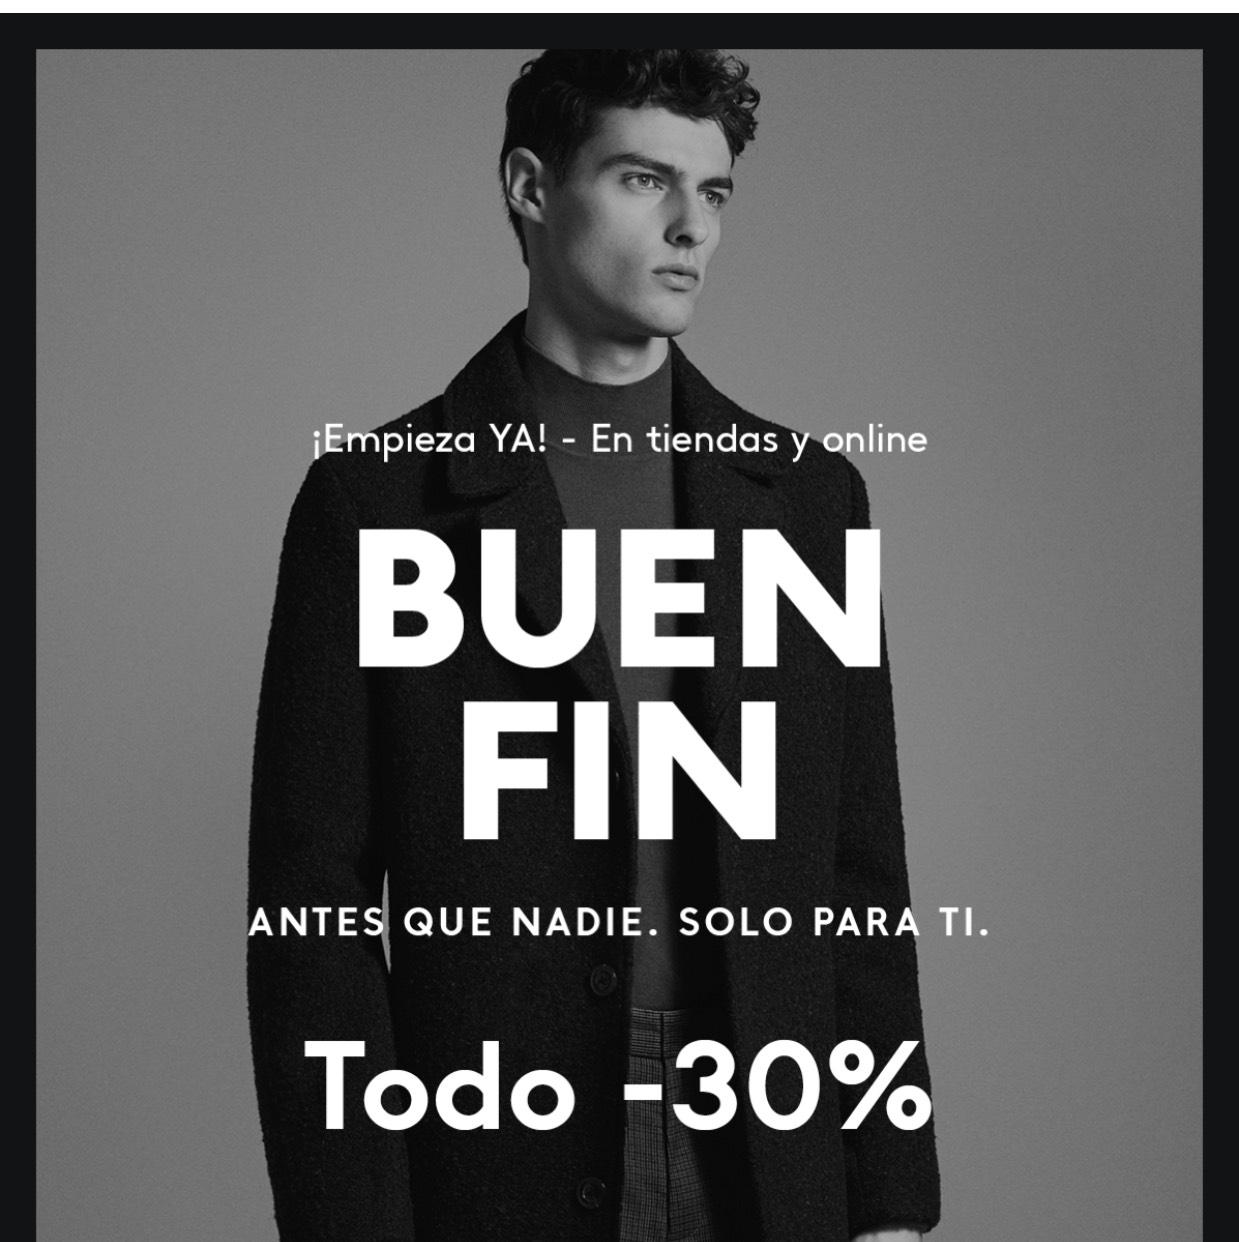 Ofertas Buen Fin 2017 Mango: Buen Fin 30% en toda la tienda